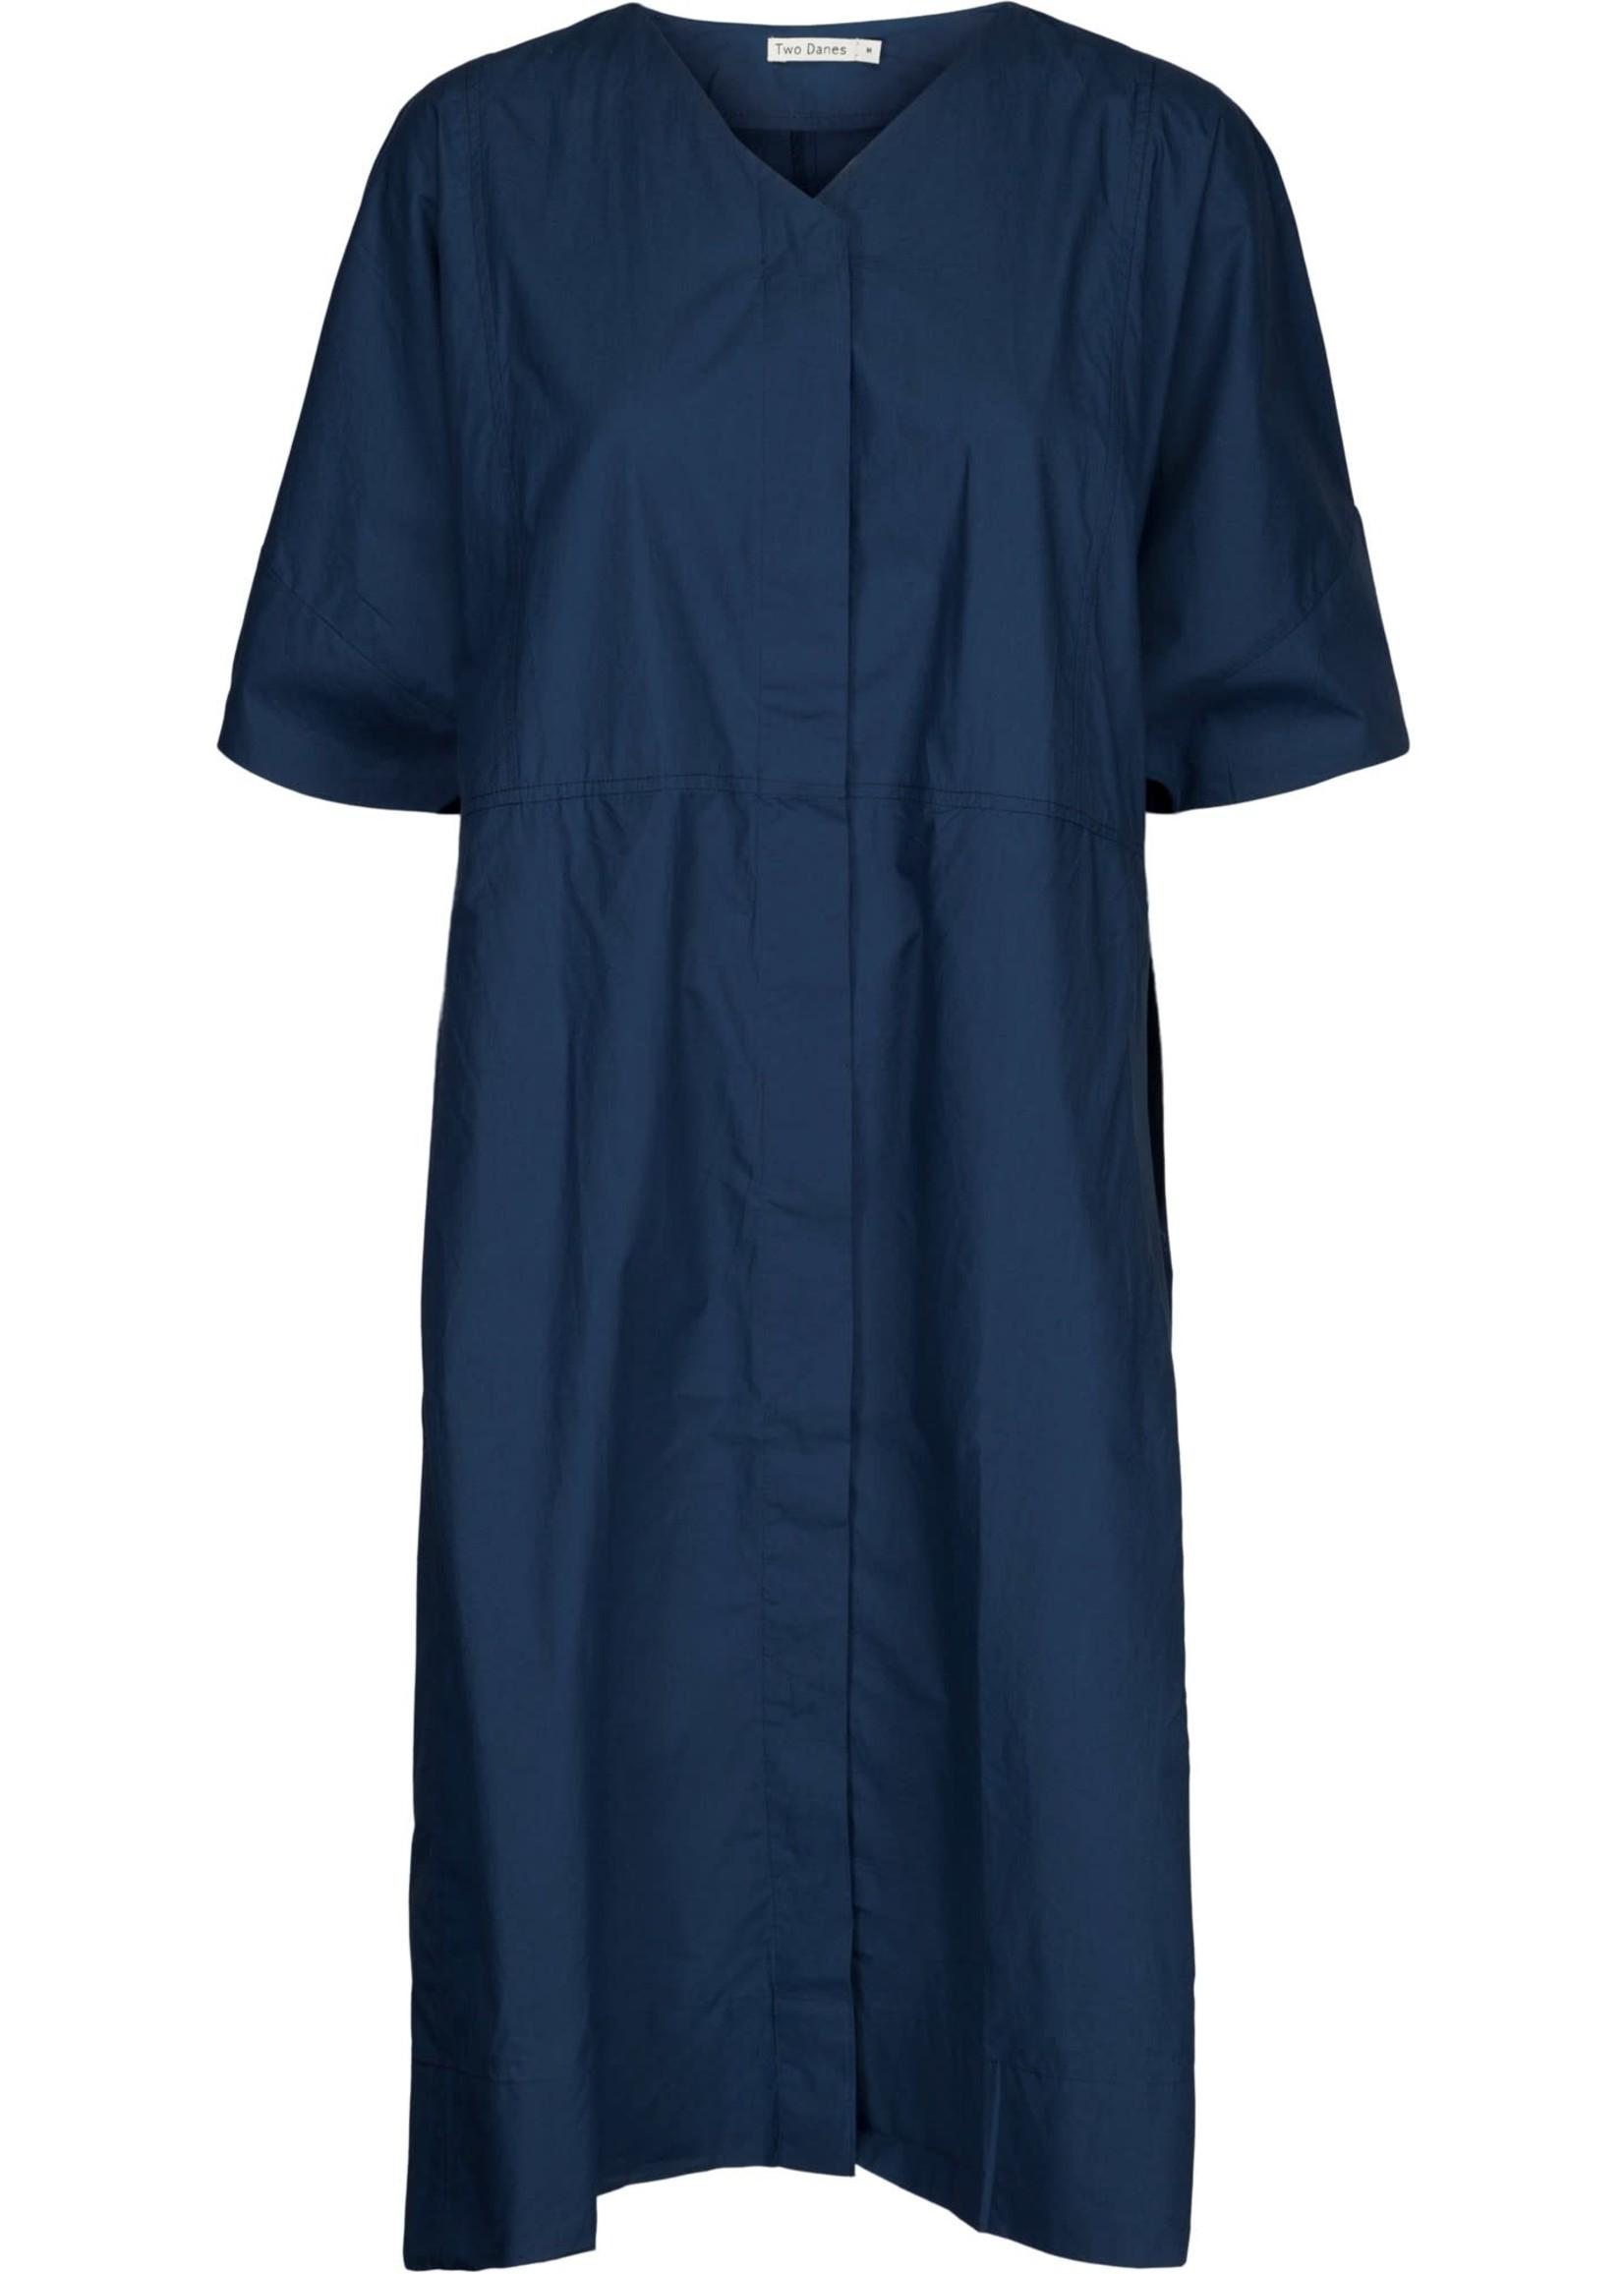 TWO DANES 33634 379 dress